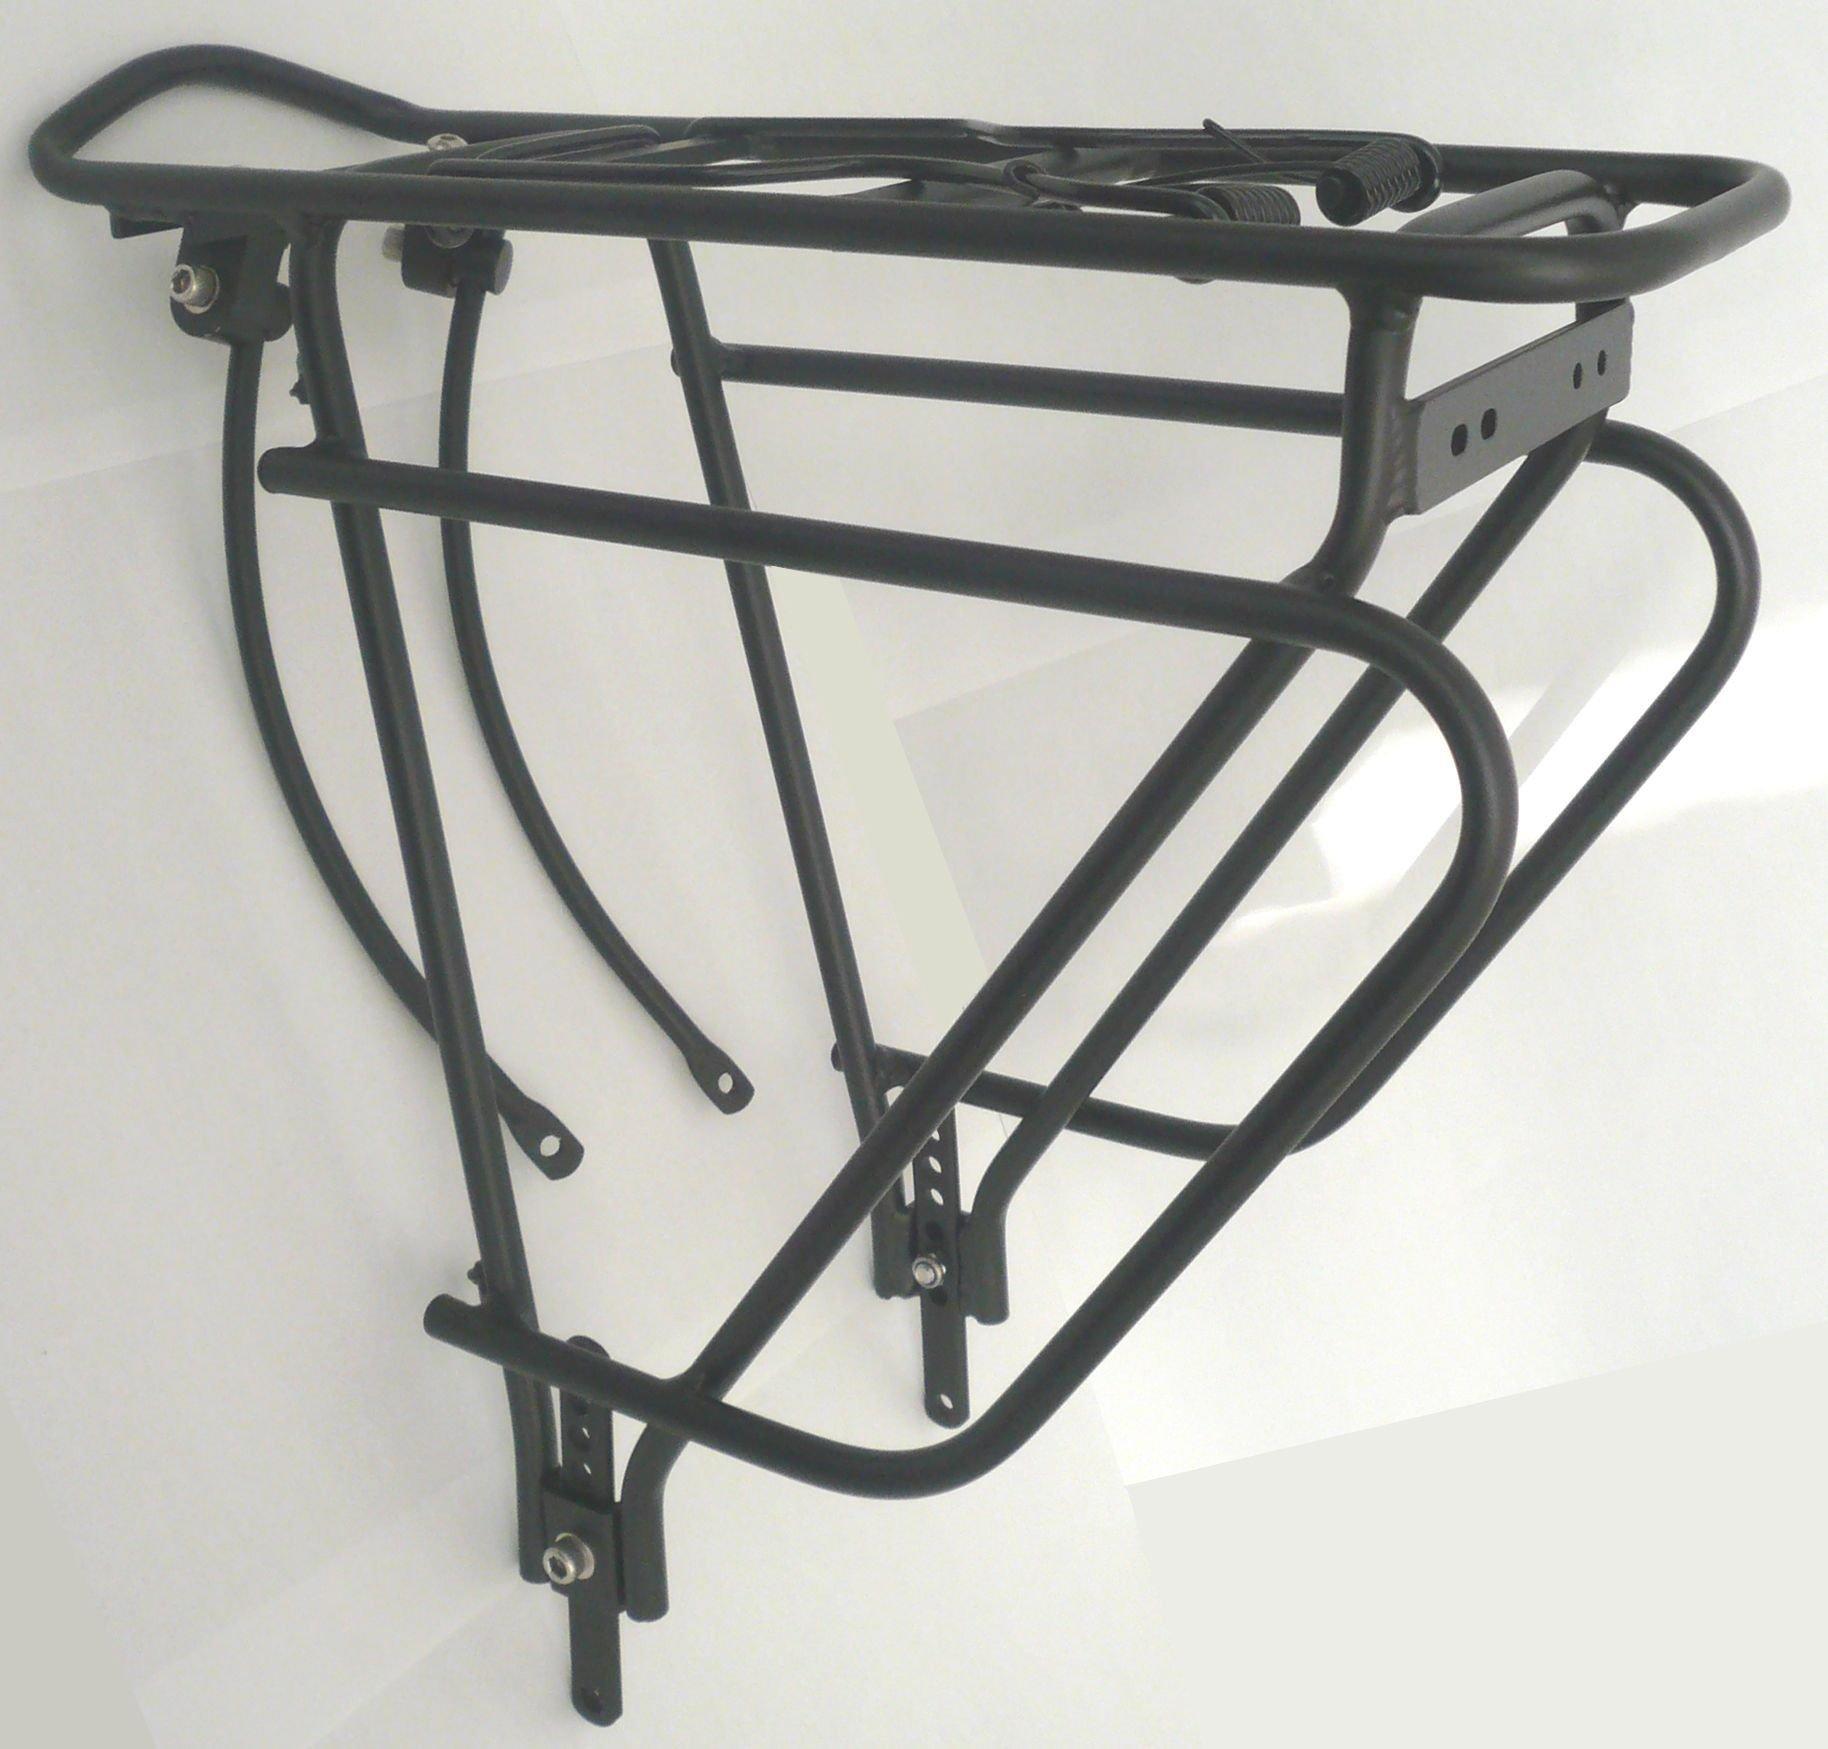 Standwell HR-Gepäckträger 28 Zoll, schwarz-matt